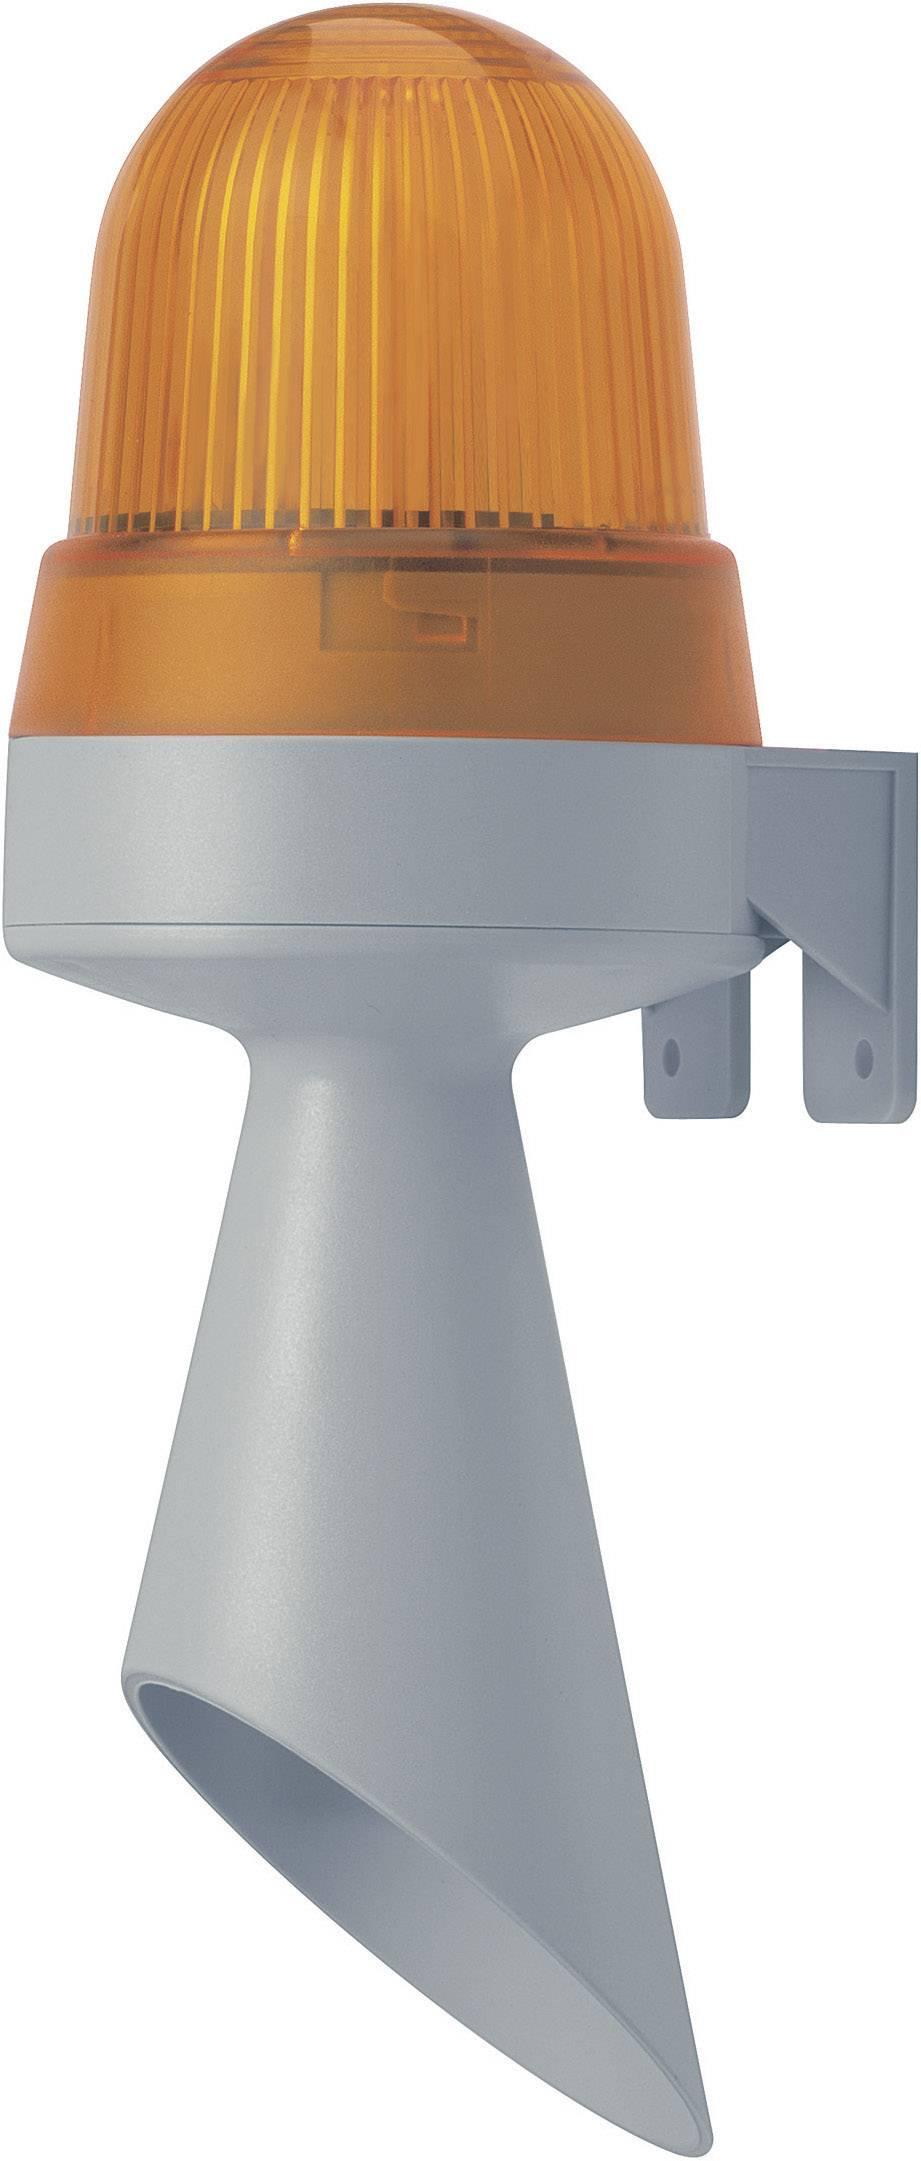 Kombinované signalizačné zariadenie LED Werma Signaltechnik 424.120.75, 98 dB, 24 V/DC, trvalé svetlo, červená